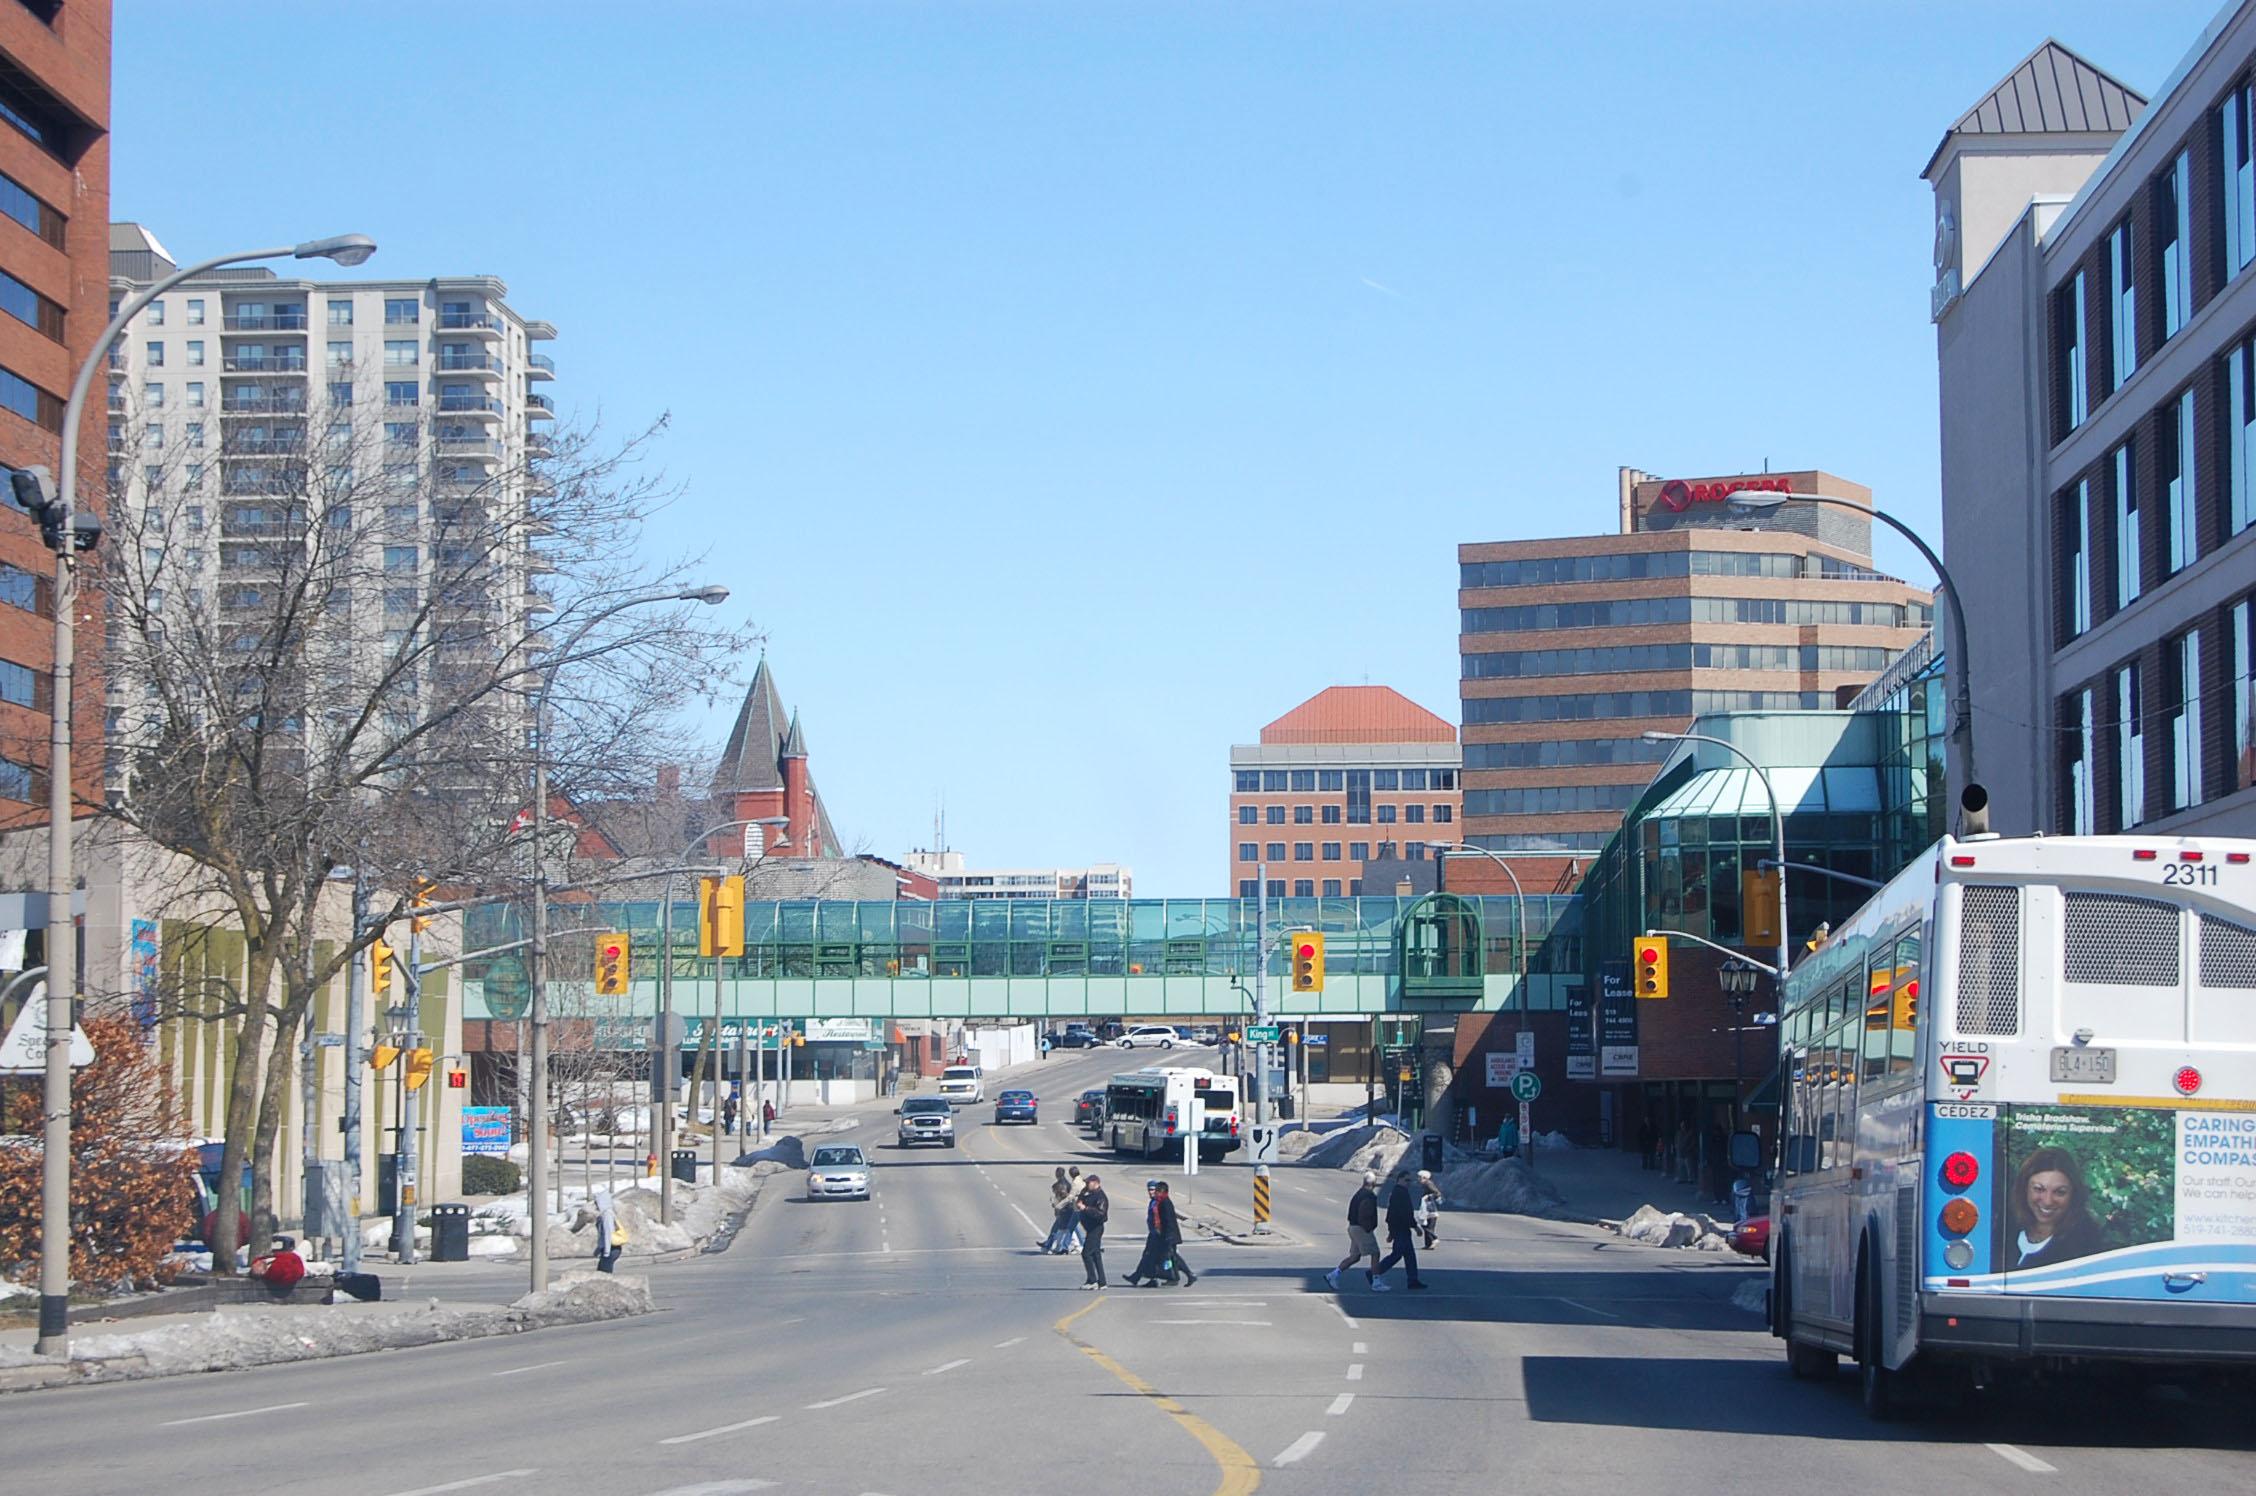 Ontario Canada Downtown Kitchener, onta...